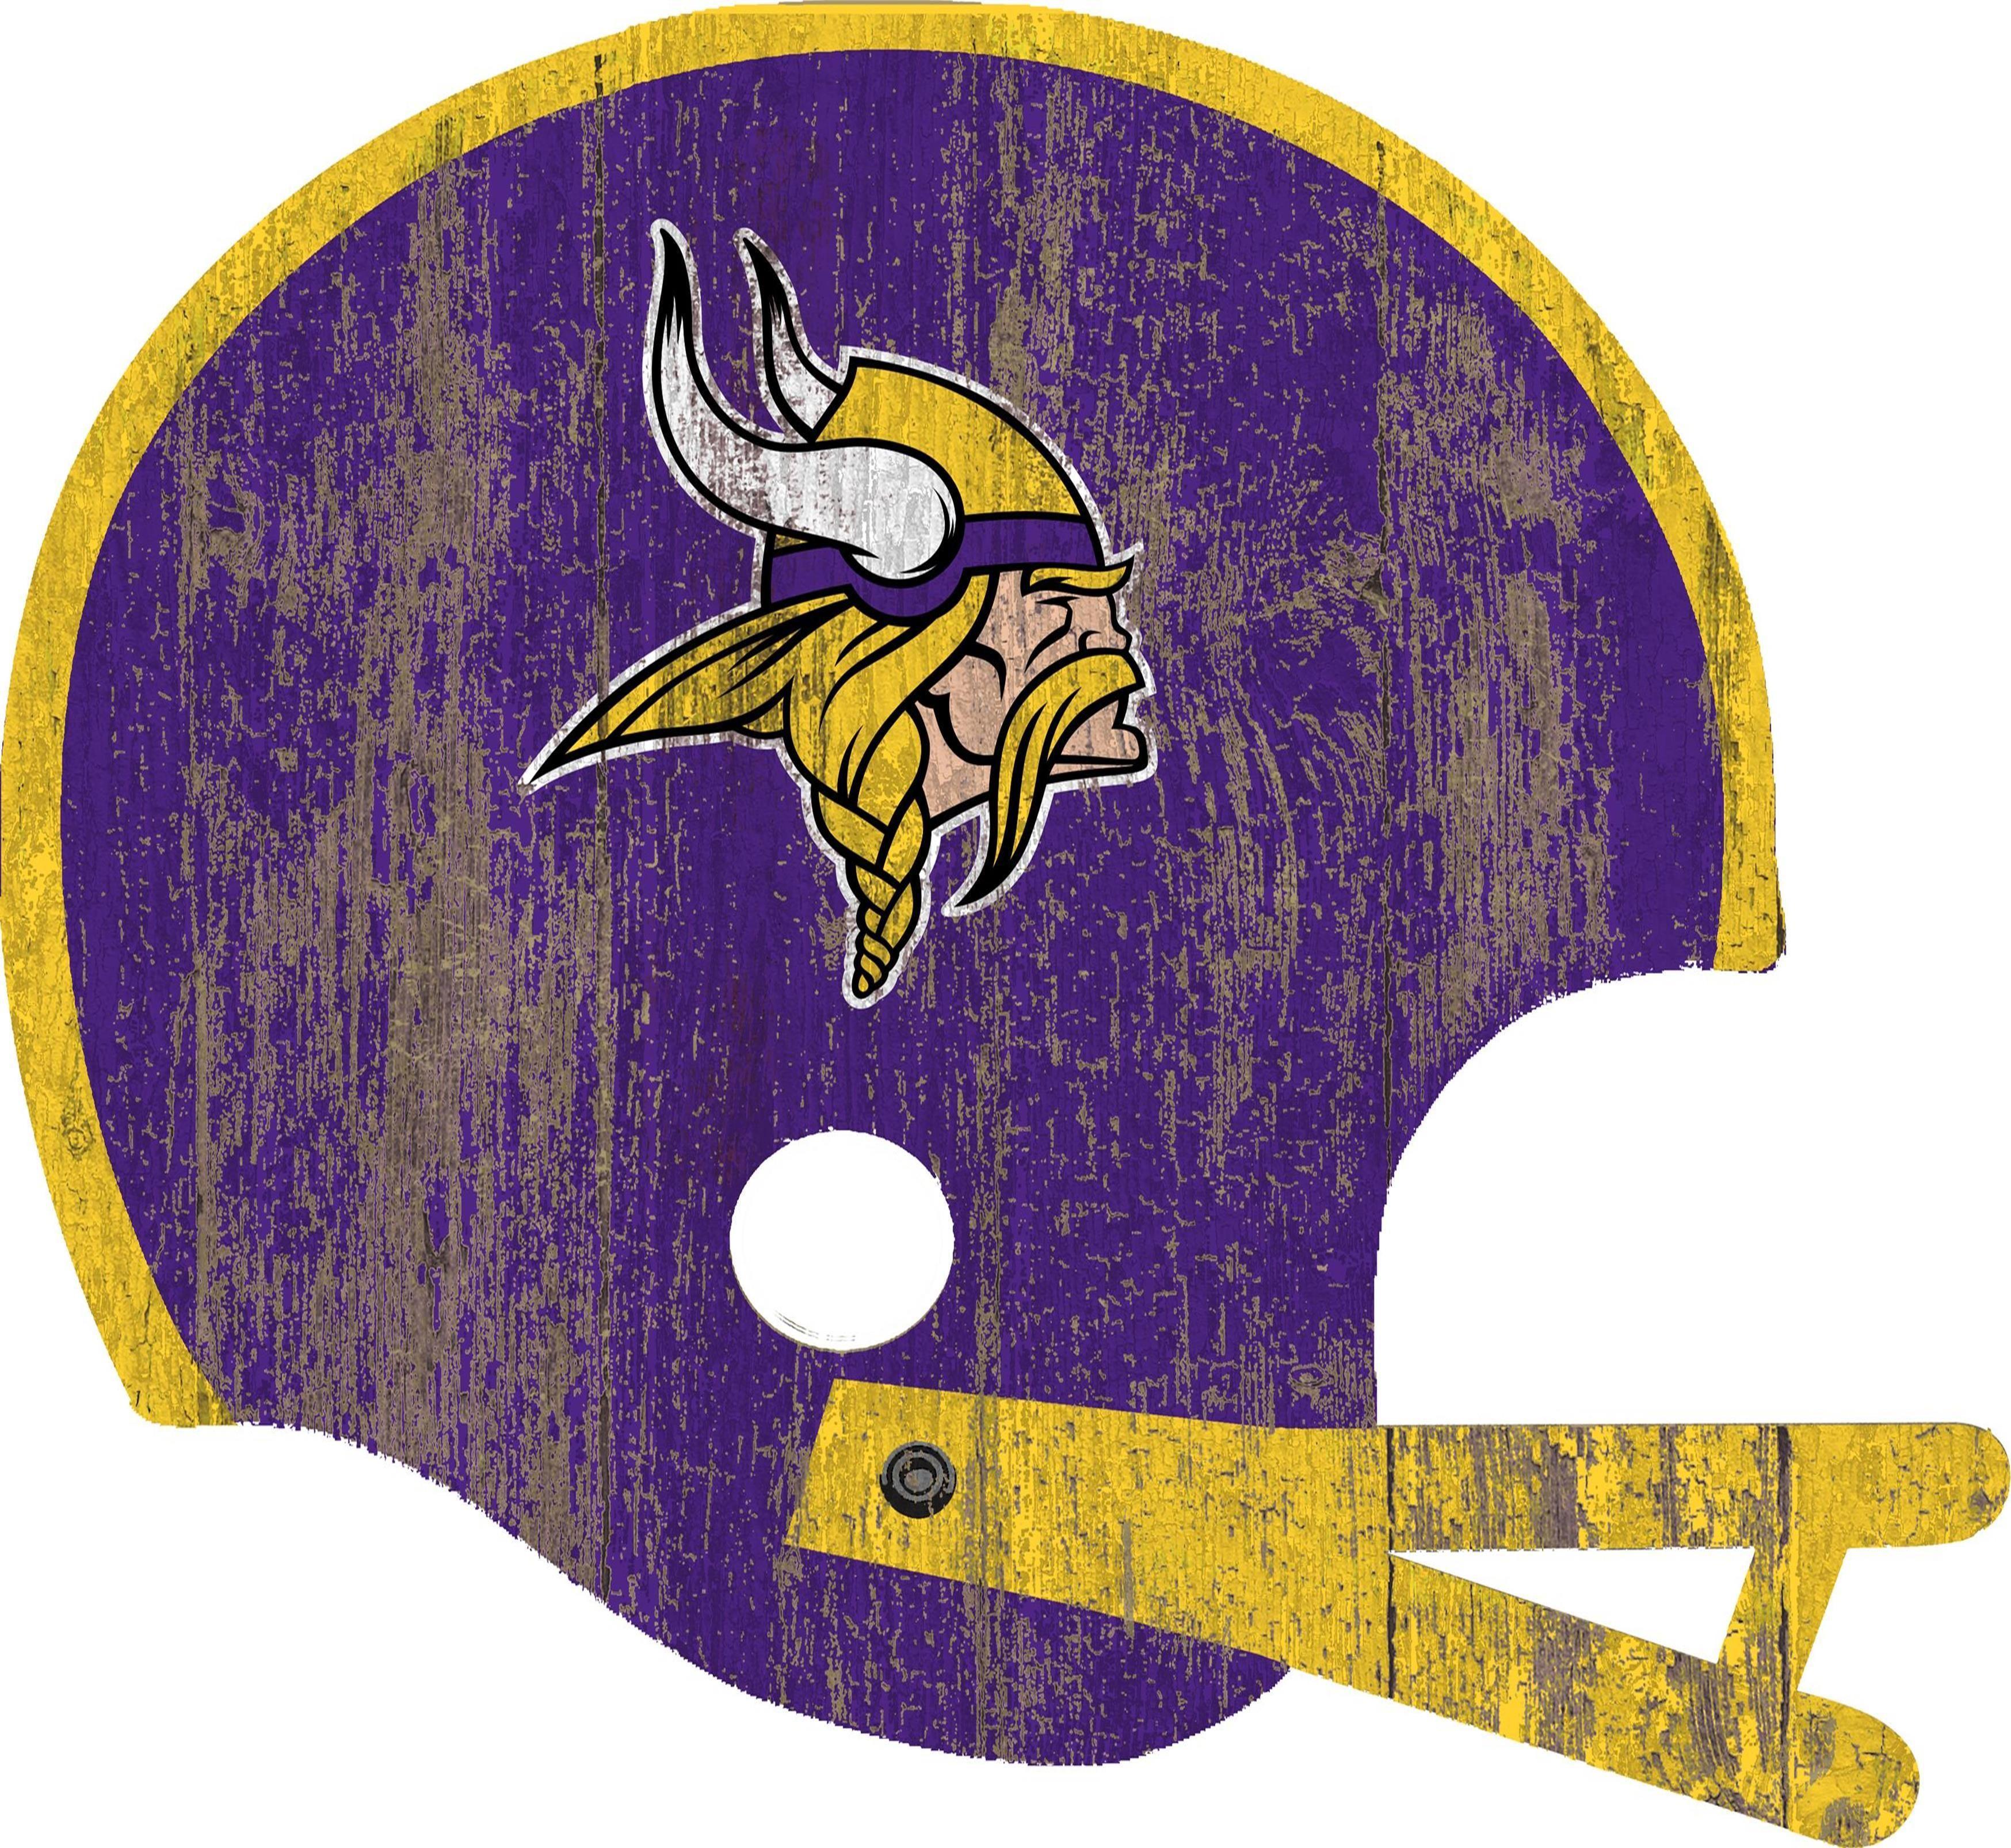 Minnesota Vikings Distressed Helmet Cutout 24 Wall Art Viking Signs Minnesota Vikings Fan Creations